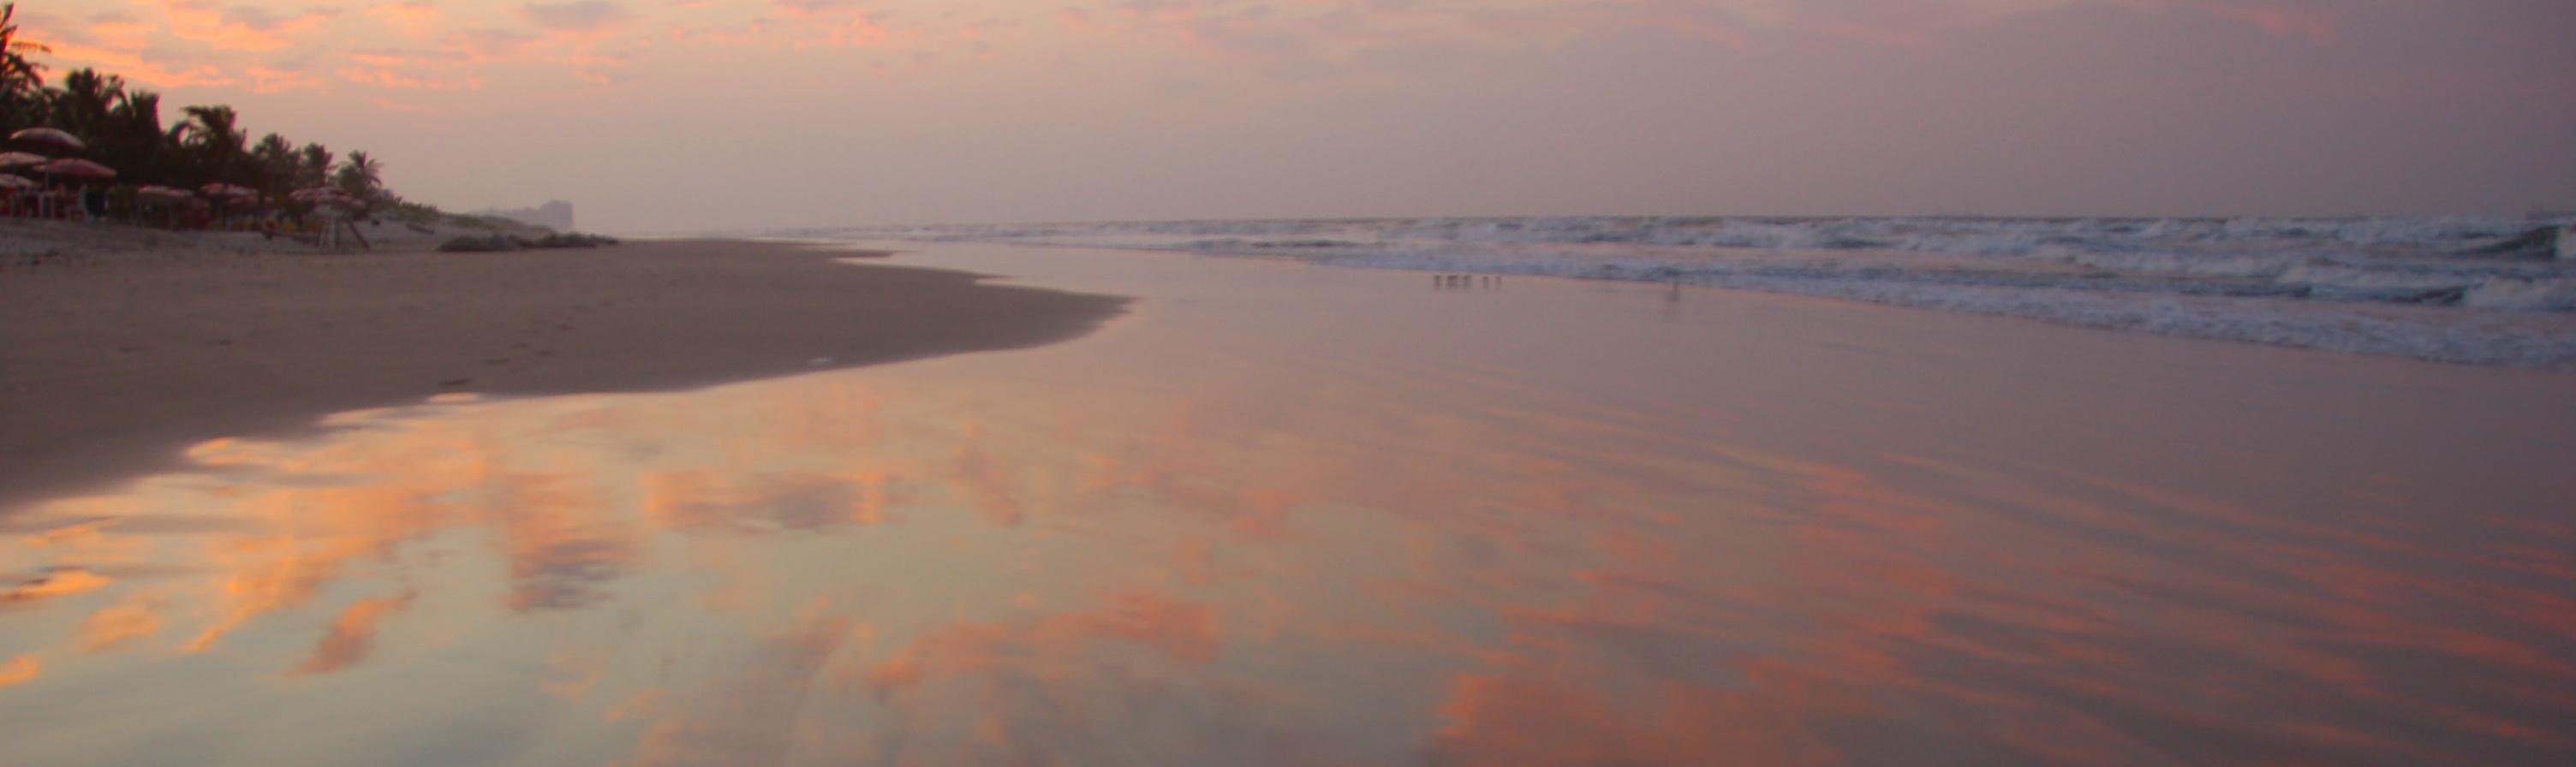 Praia de Calhau, Sao LuiPraia de Calhaus